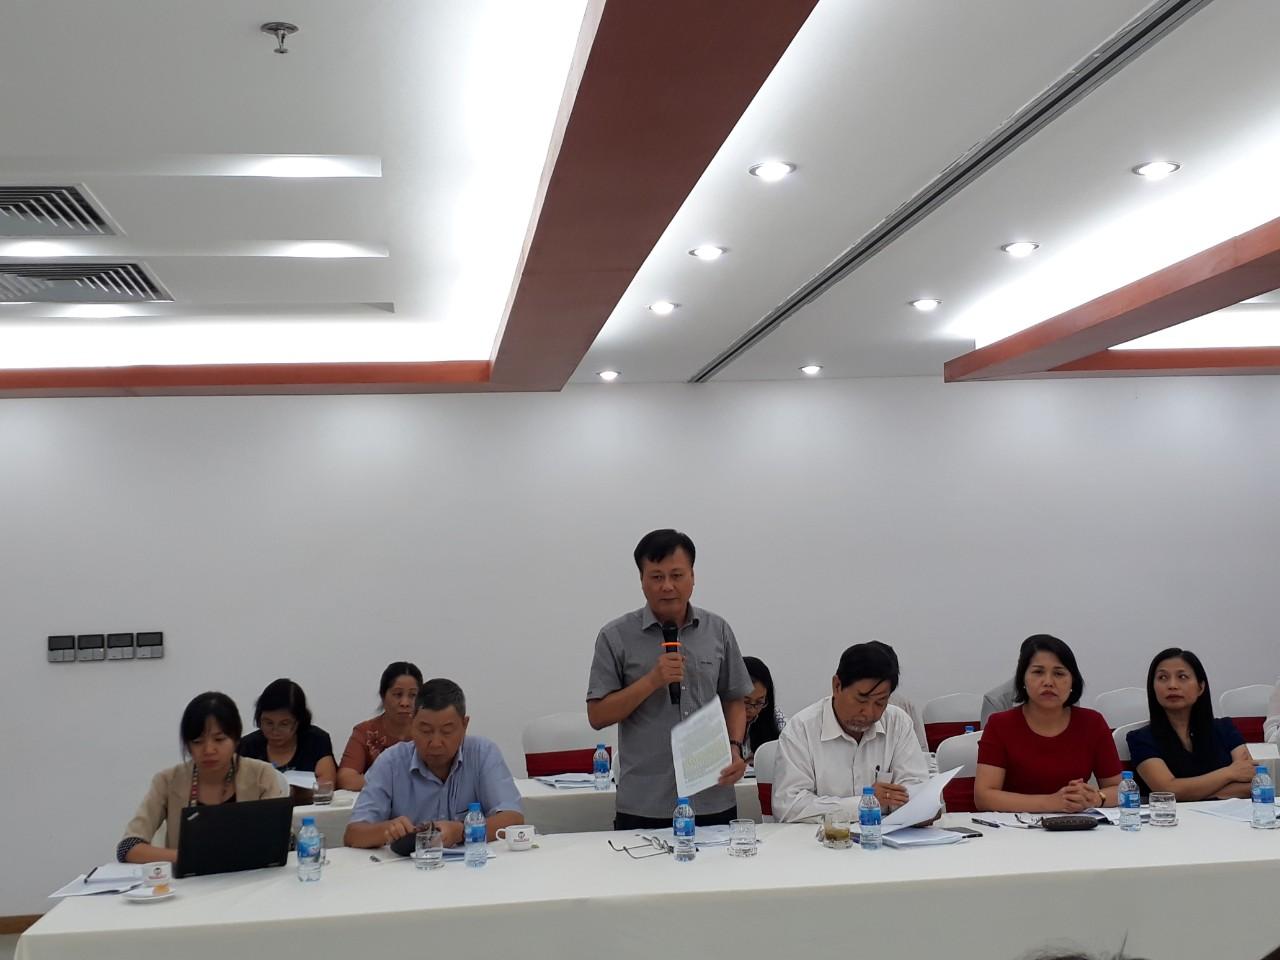 Hội thảo về Báo cáo đánh giá chính sách, pháp luật và mô hình trợ giúp pháp lý cho trẻ em - Ảnh 4